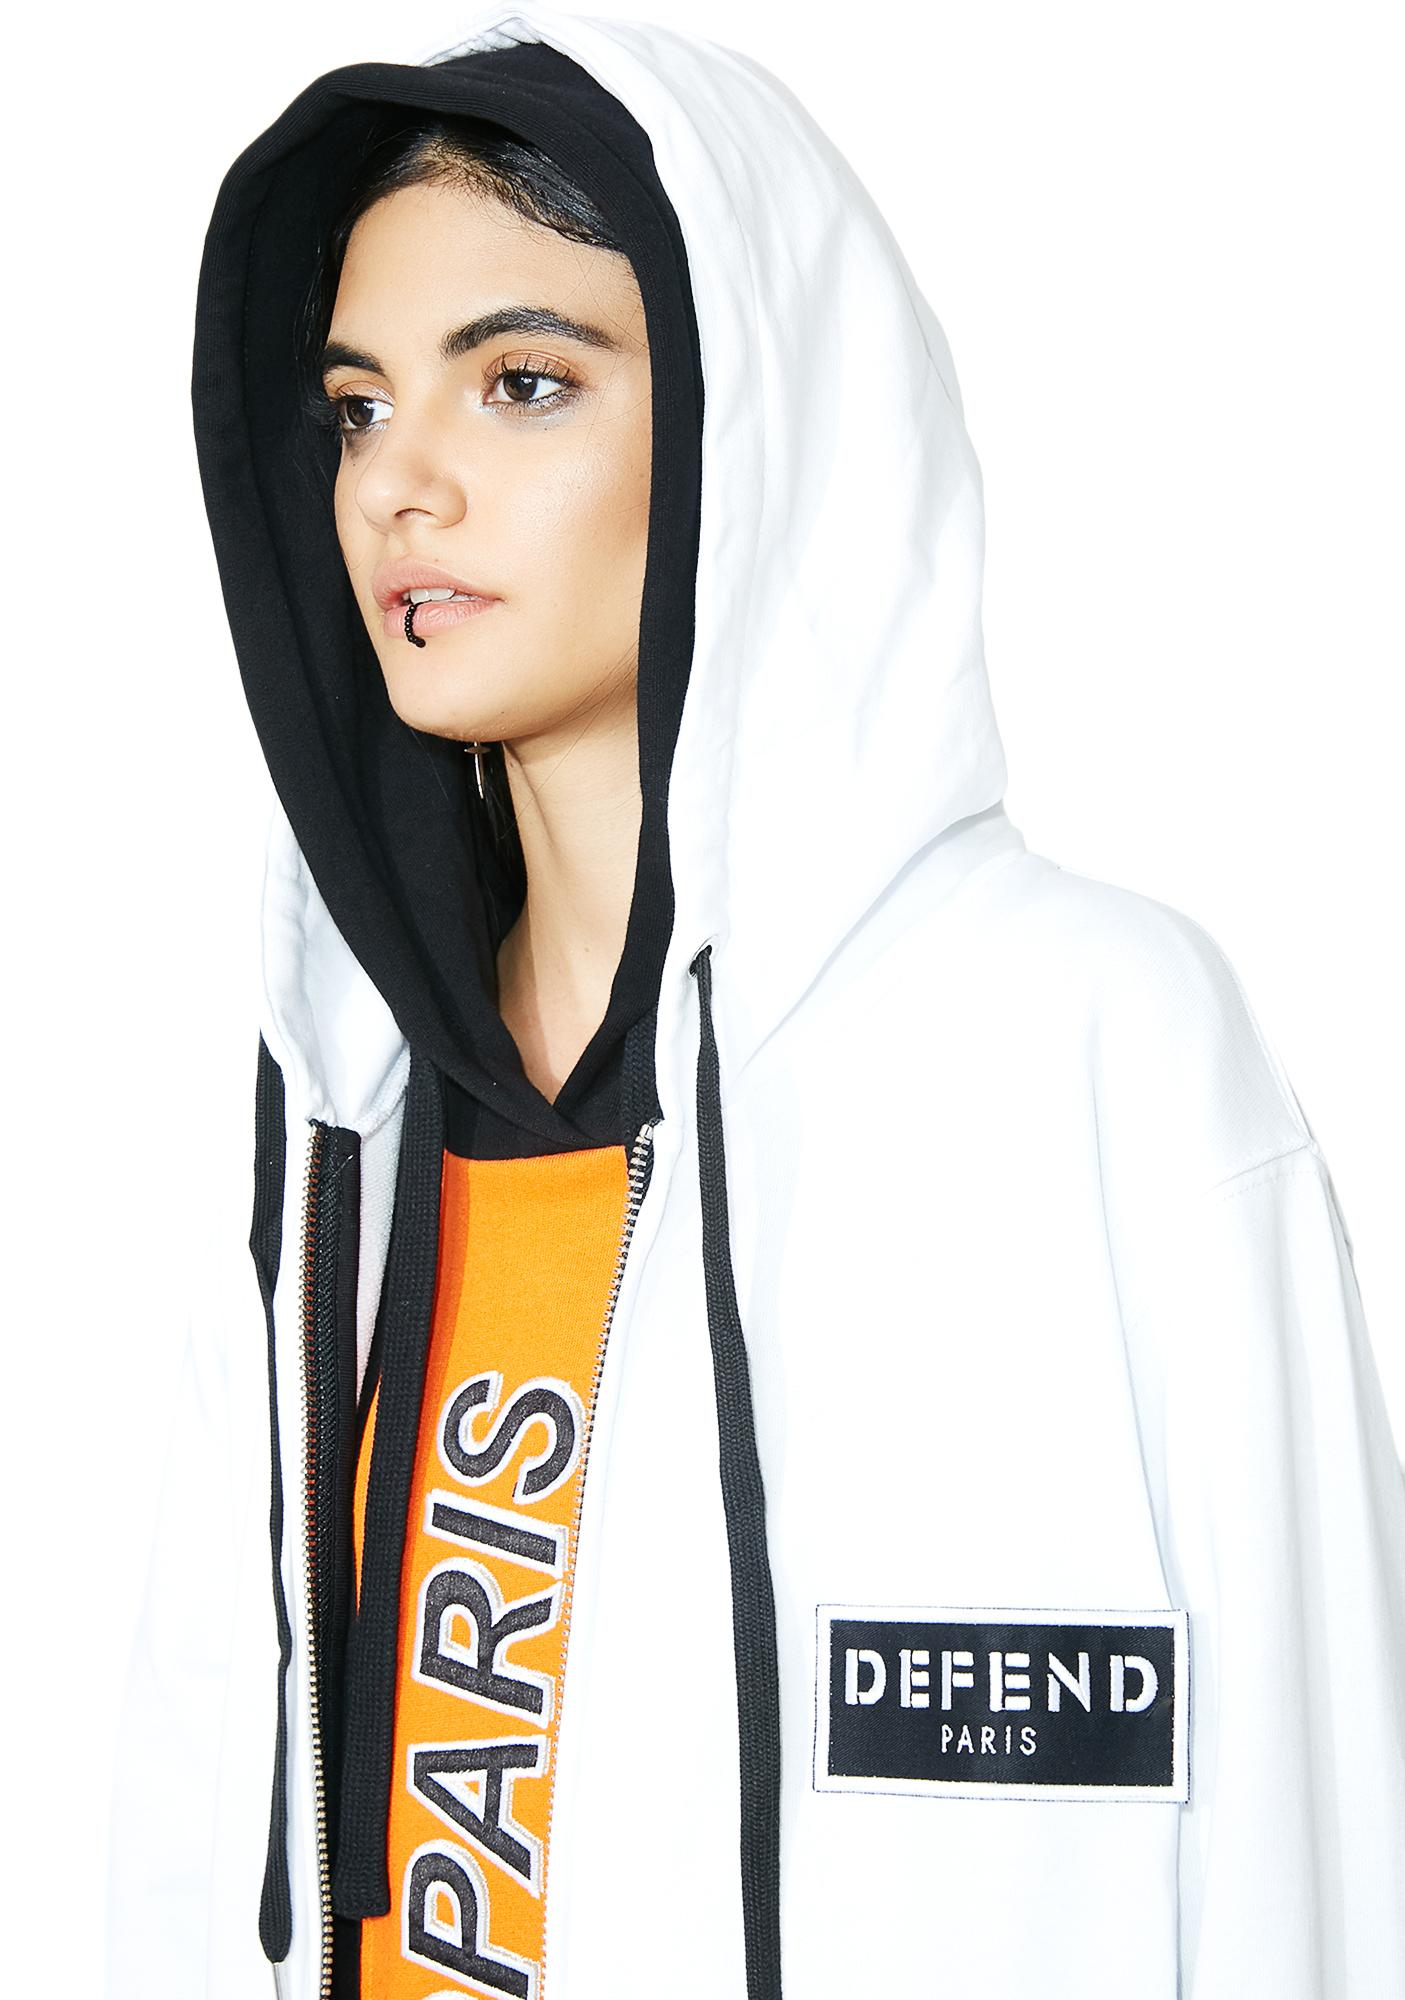 Defend Paris Front Patch Hoodie